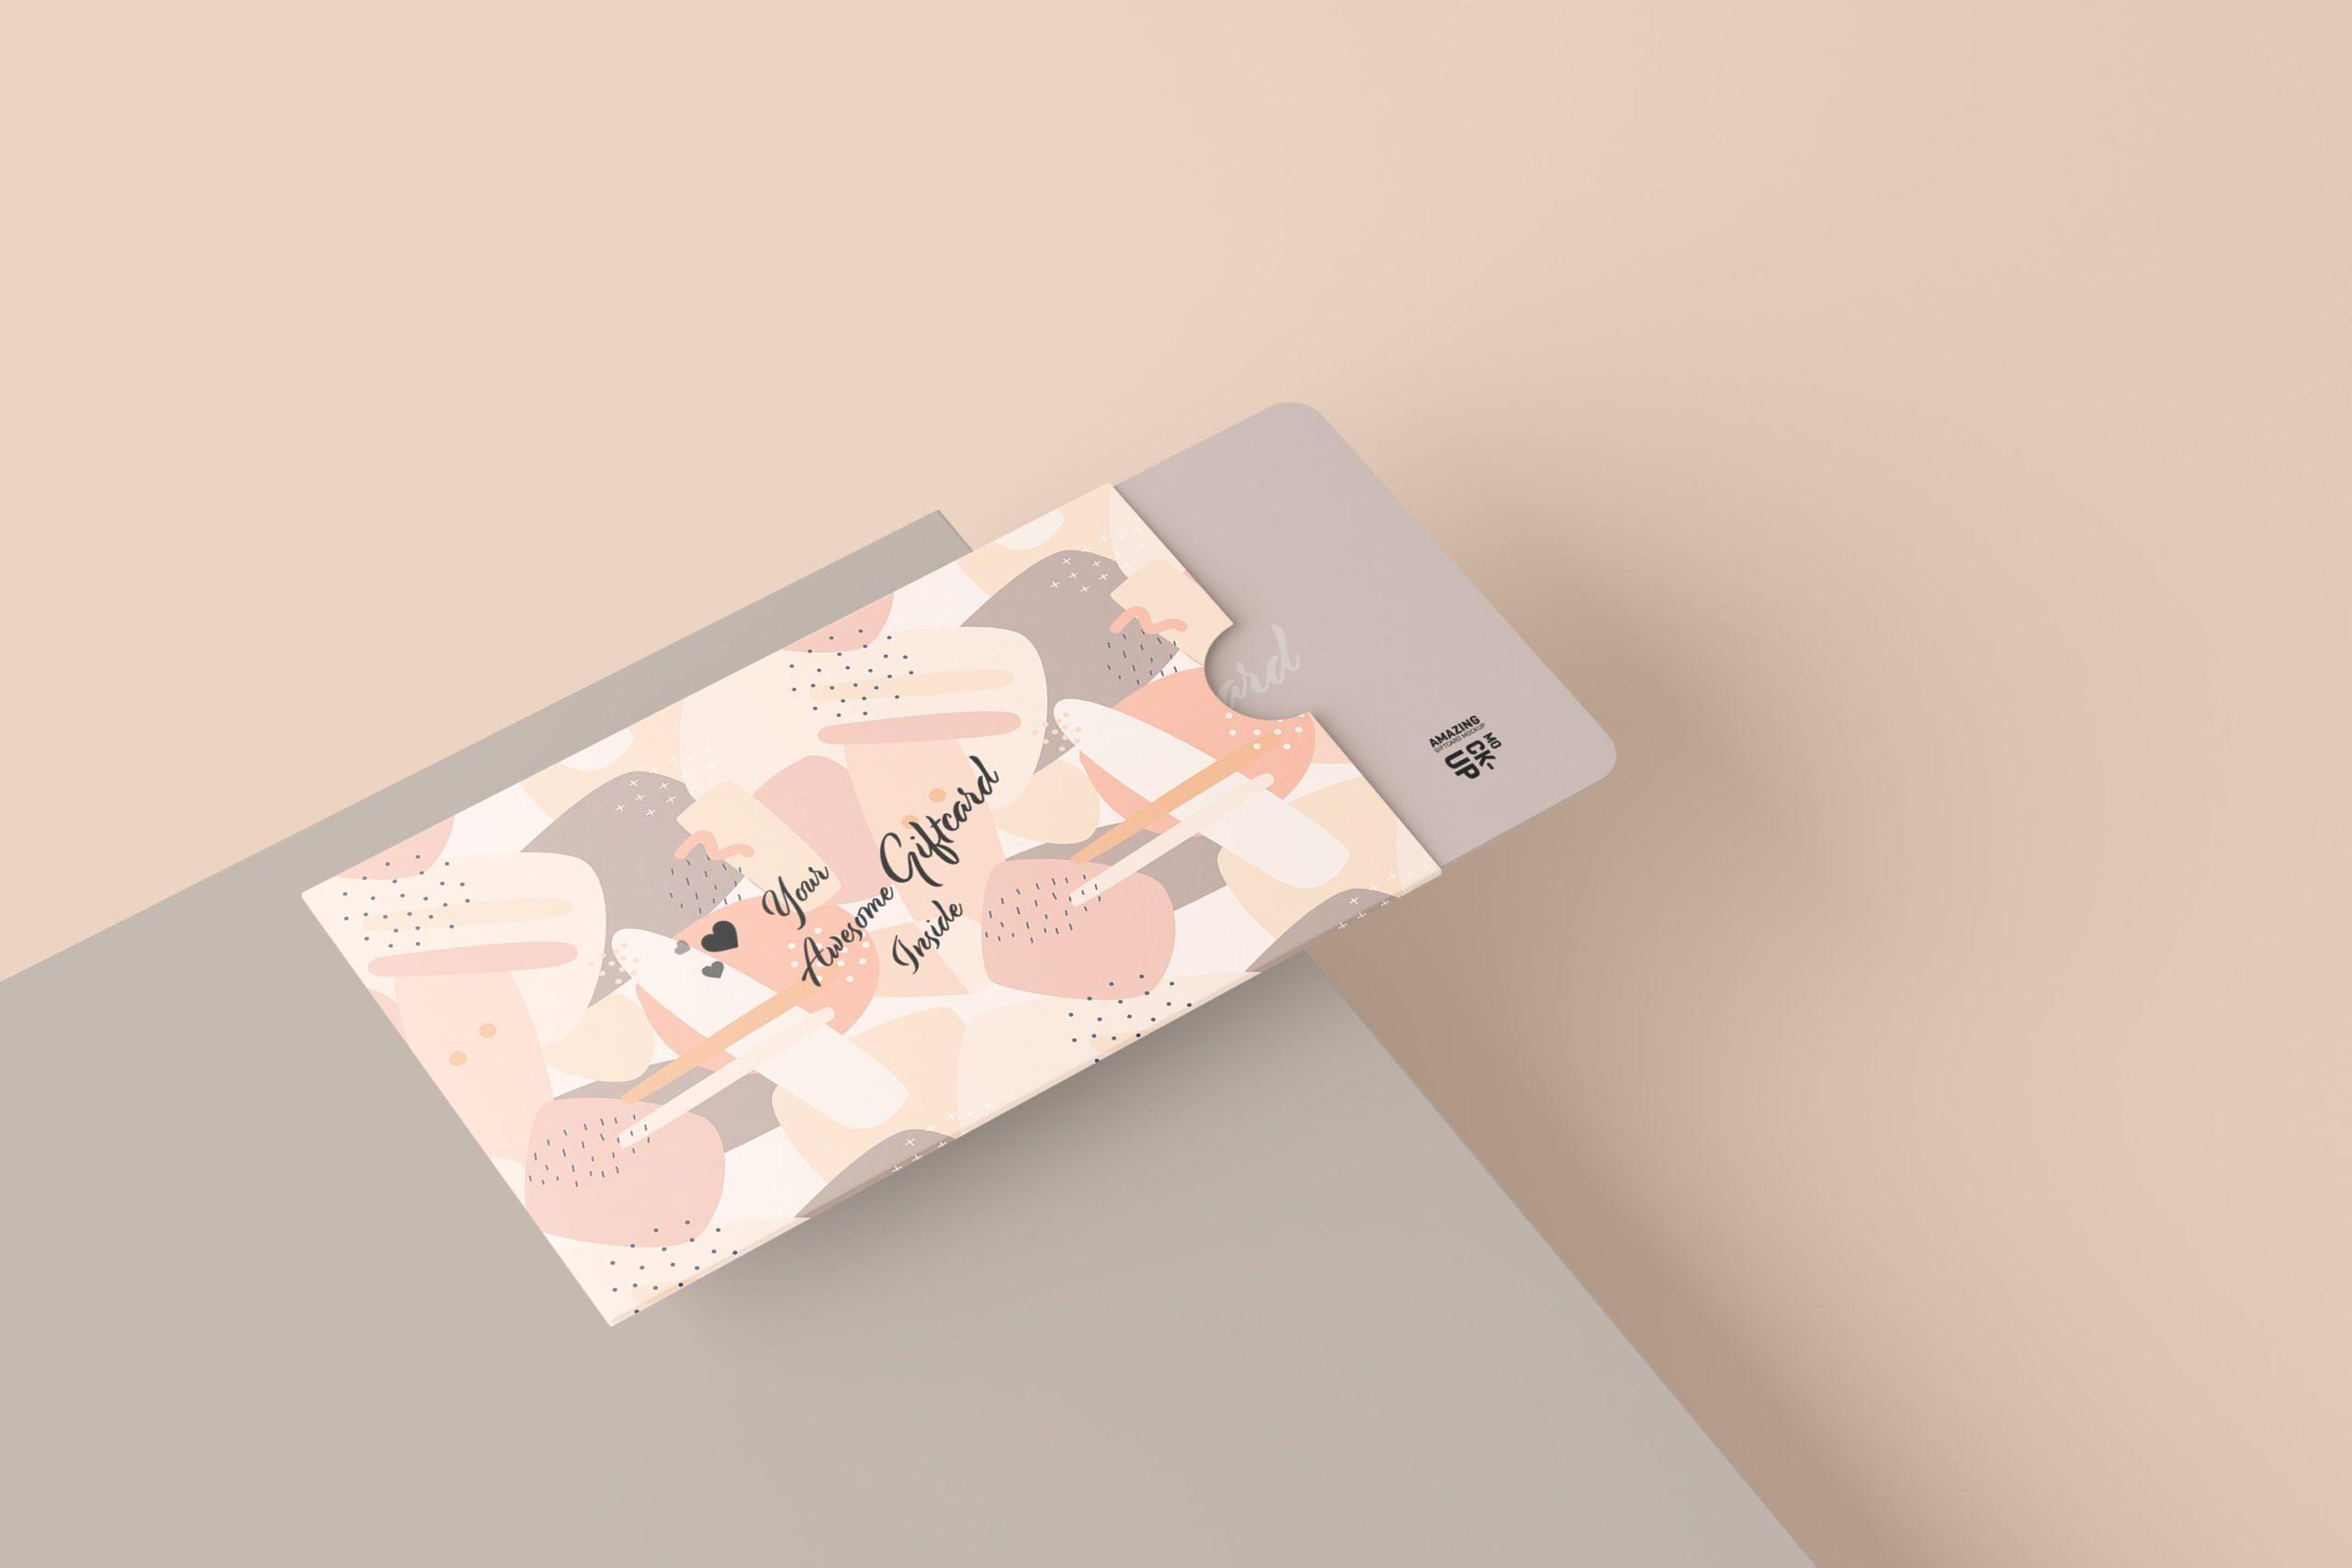 11款名片礼品卡设计展示贴图样机模板 Gift Card Mockup插图8